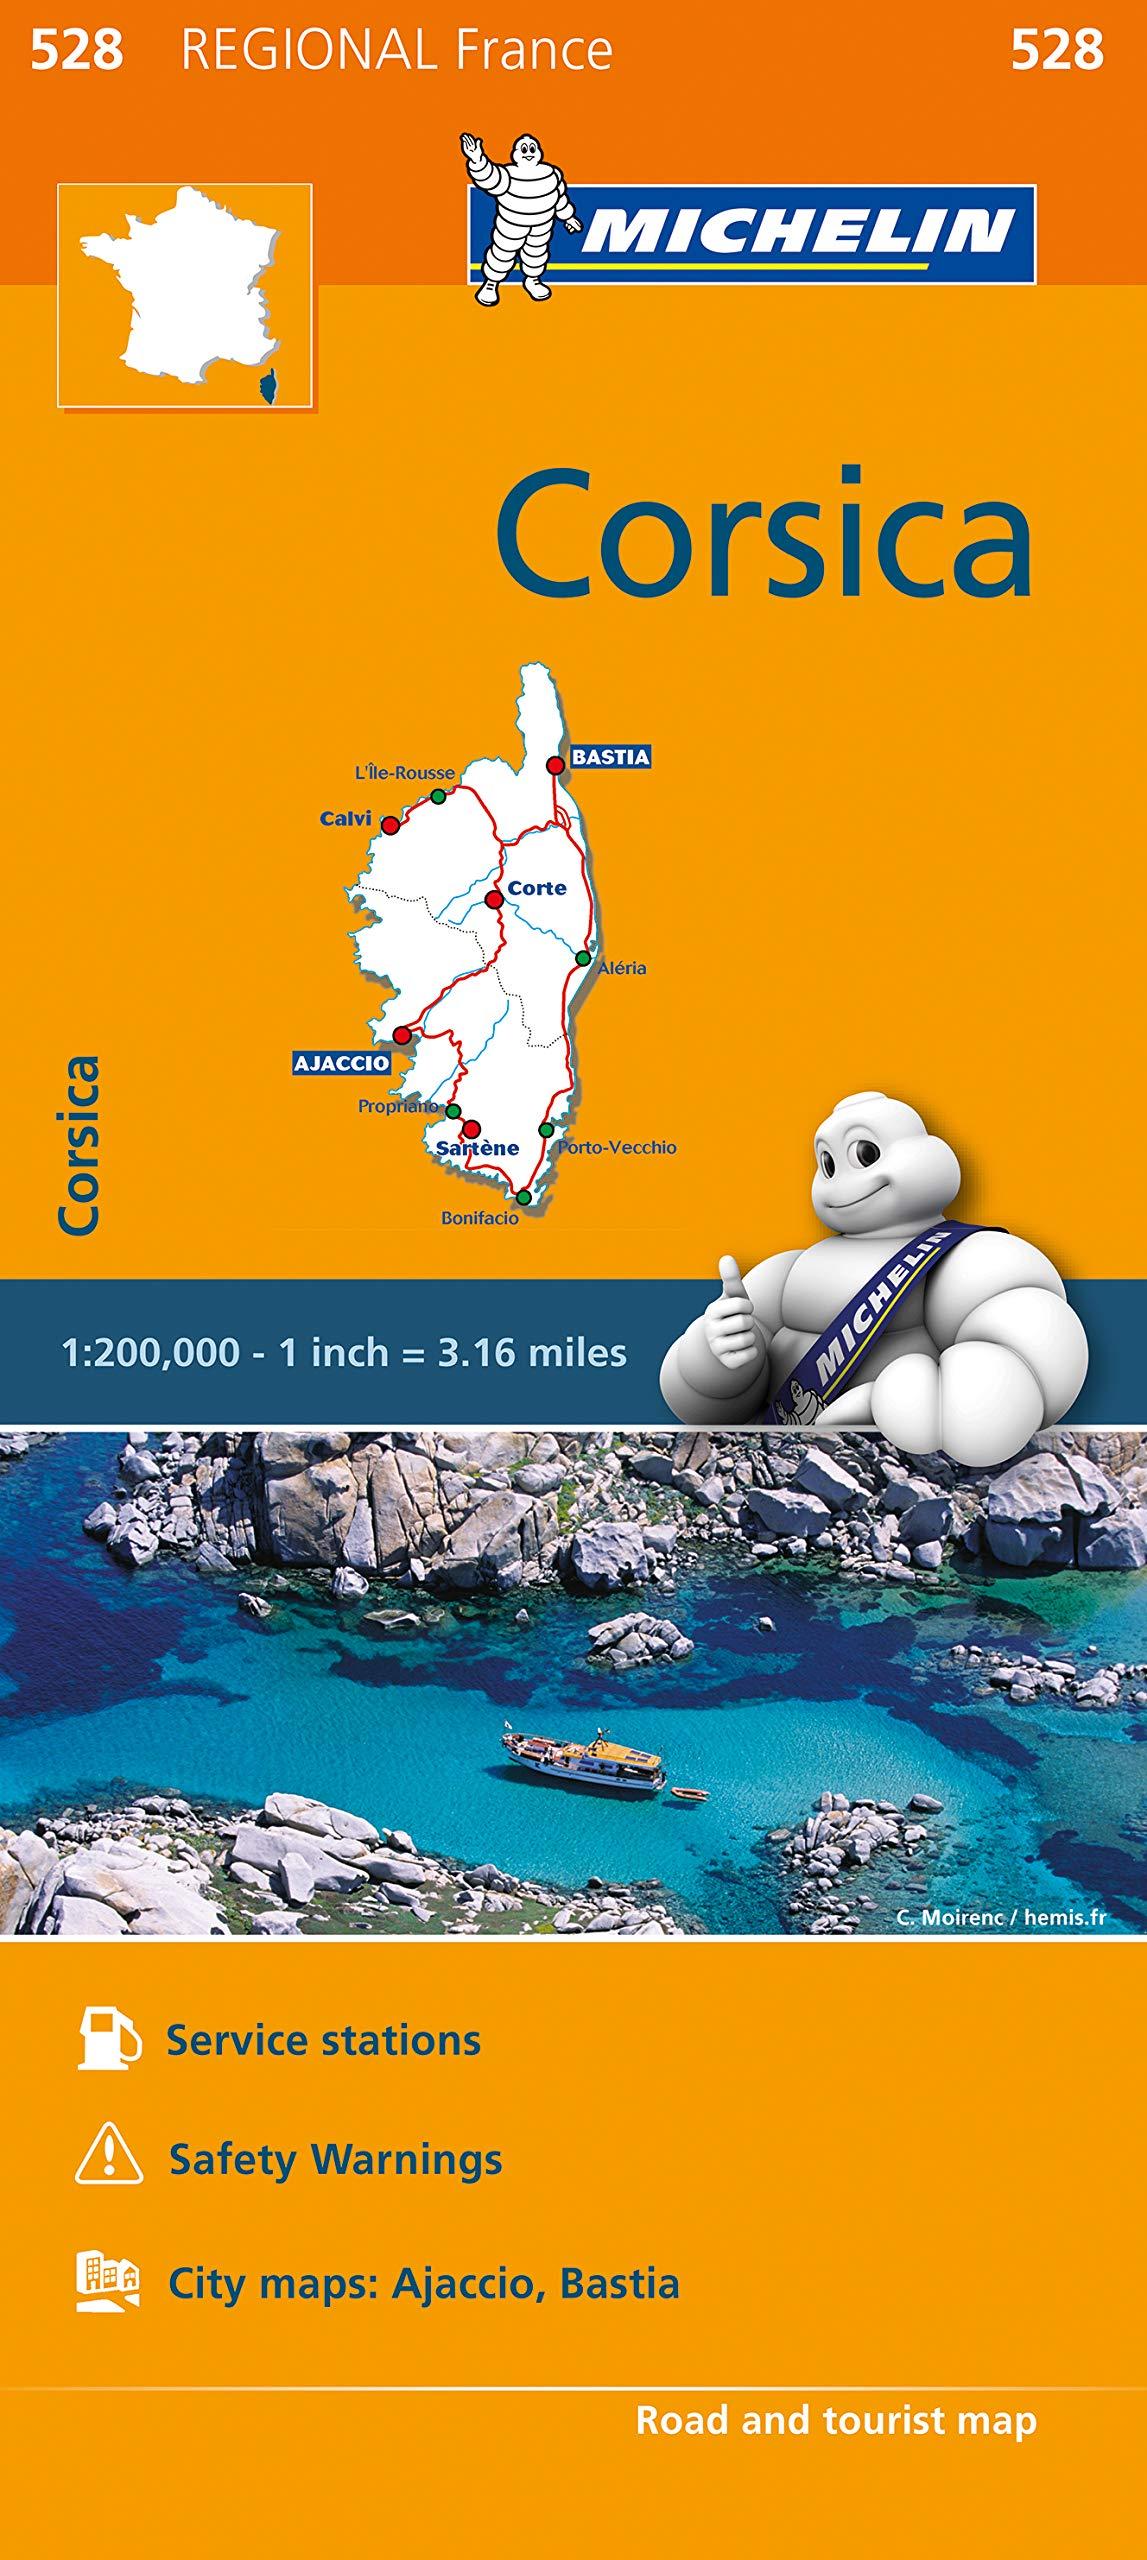 Cartina Michelin Sardegna.France Corsica Map 528 Michelin Regional France Michelin 9782067211865 Amazon Com Books